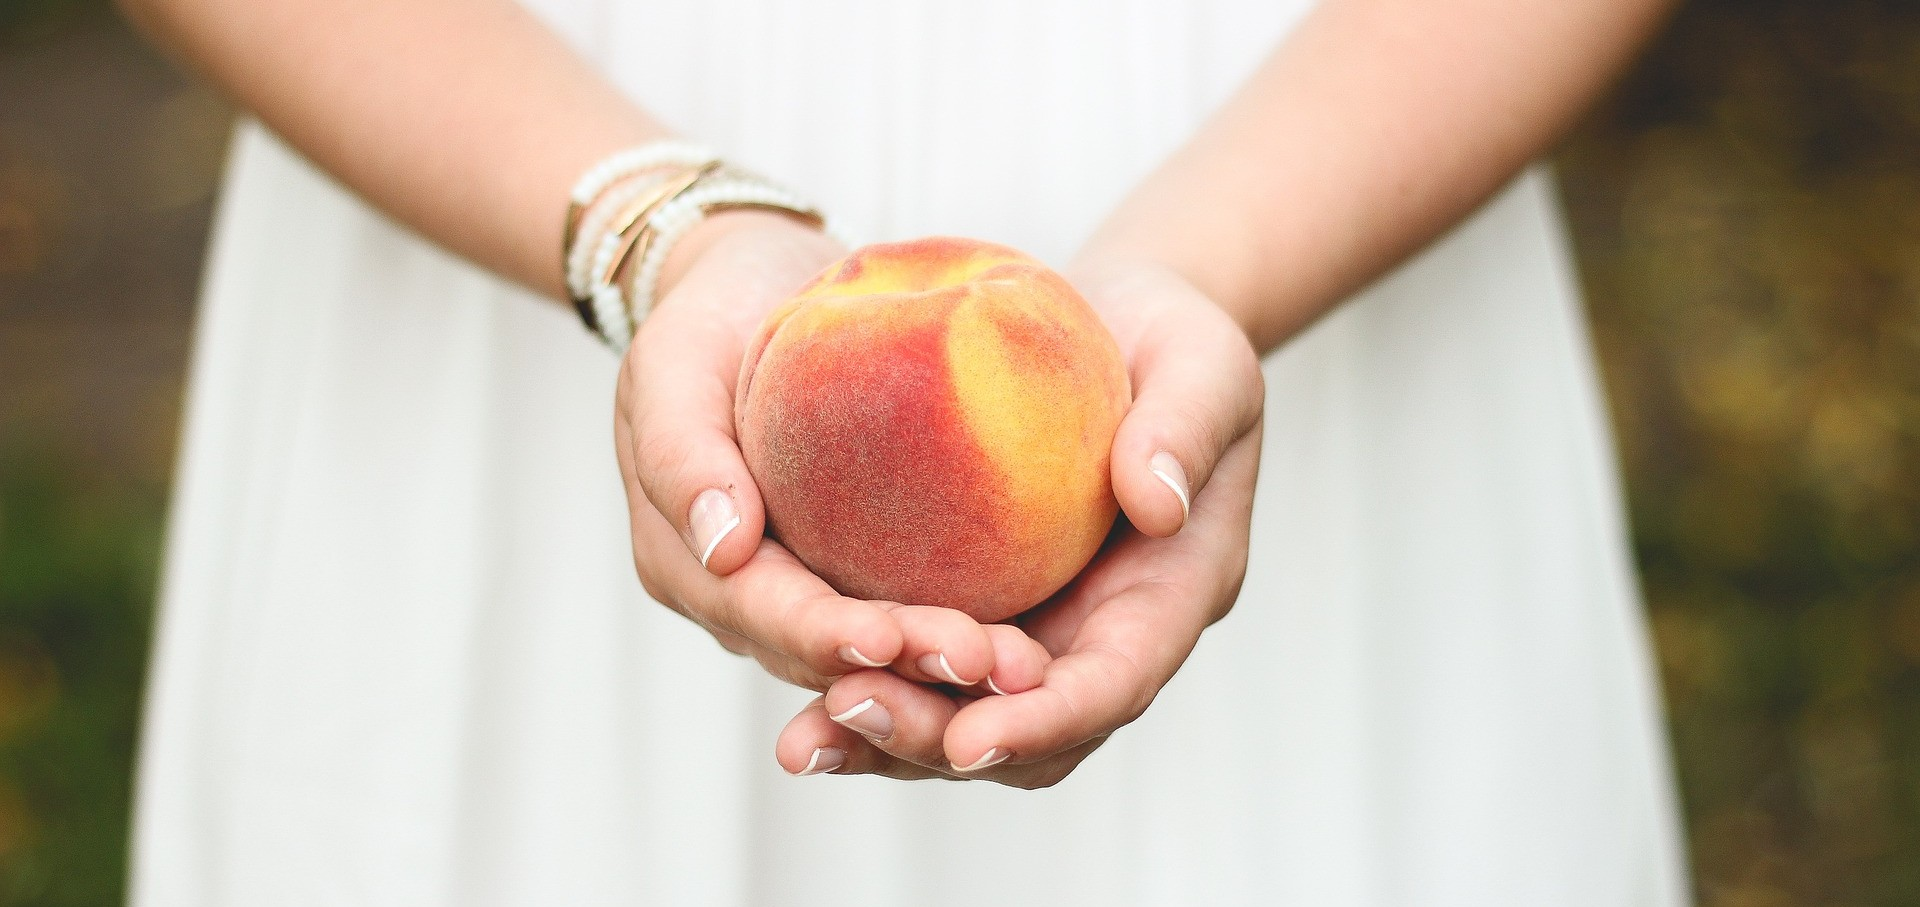 peach-698592_1920